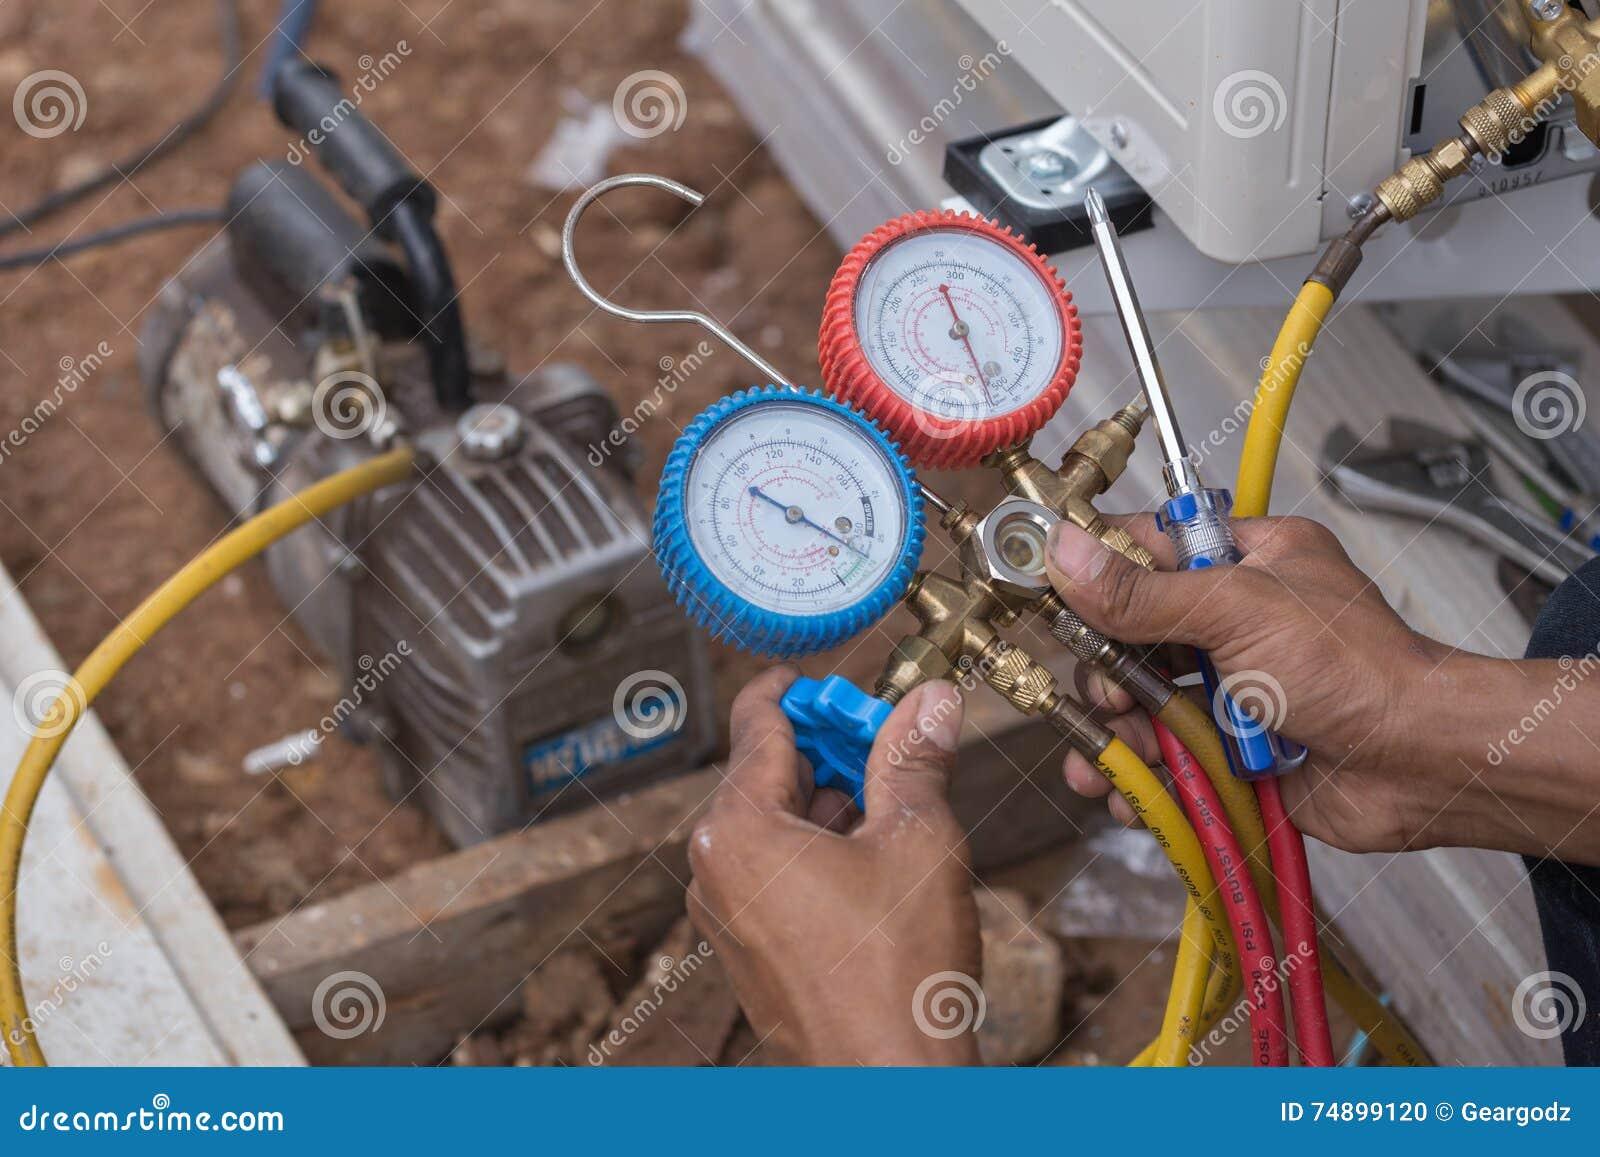 Vacuum pump evacuates air from the air conditioner